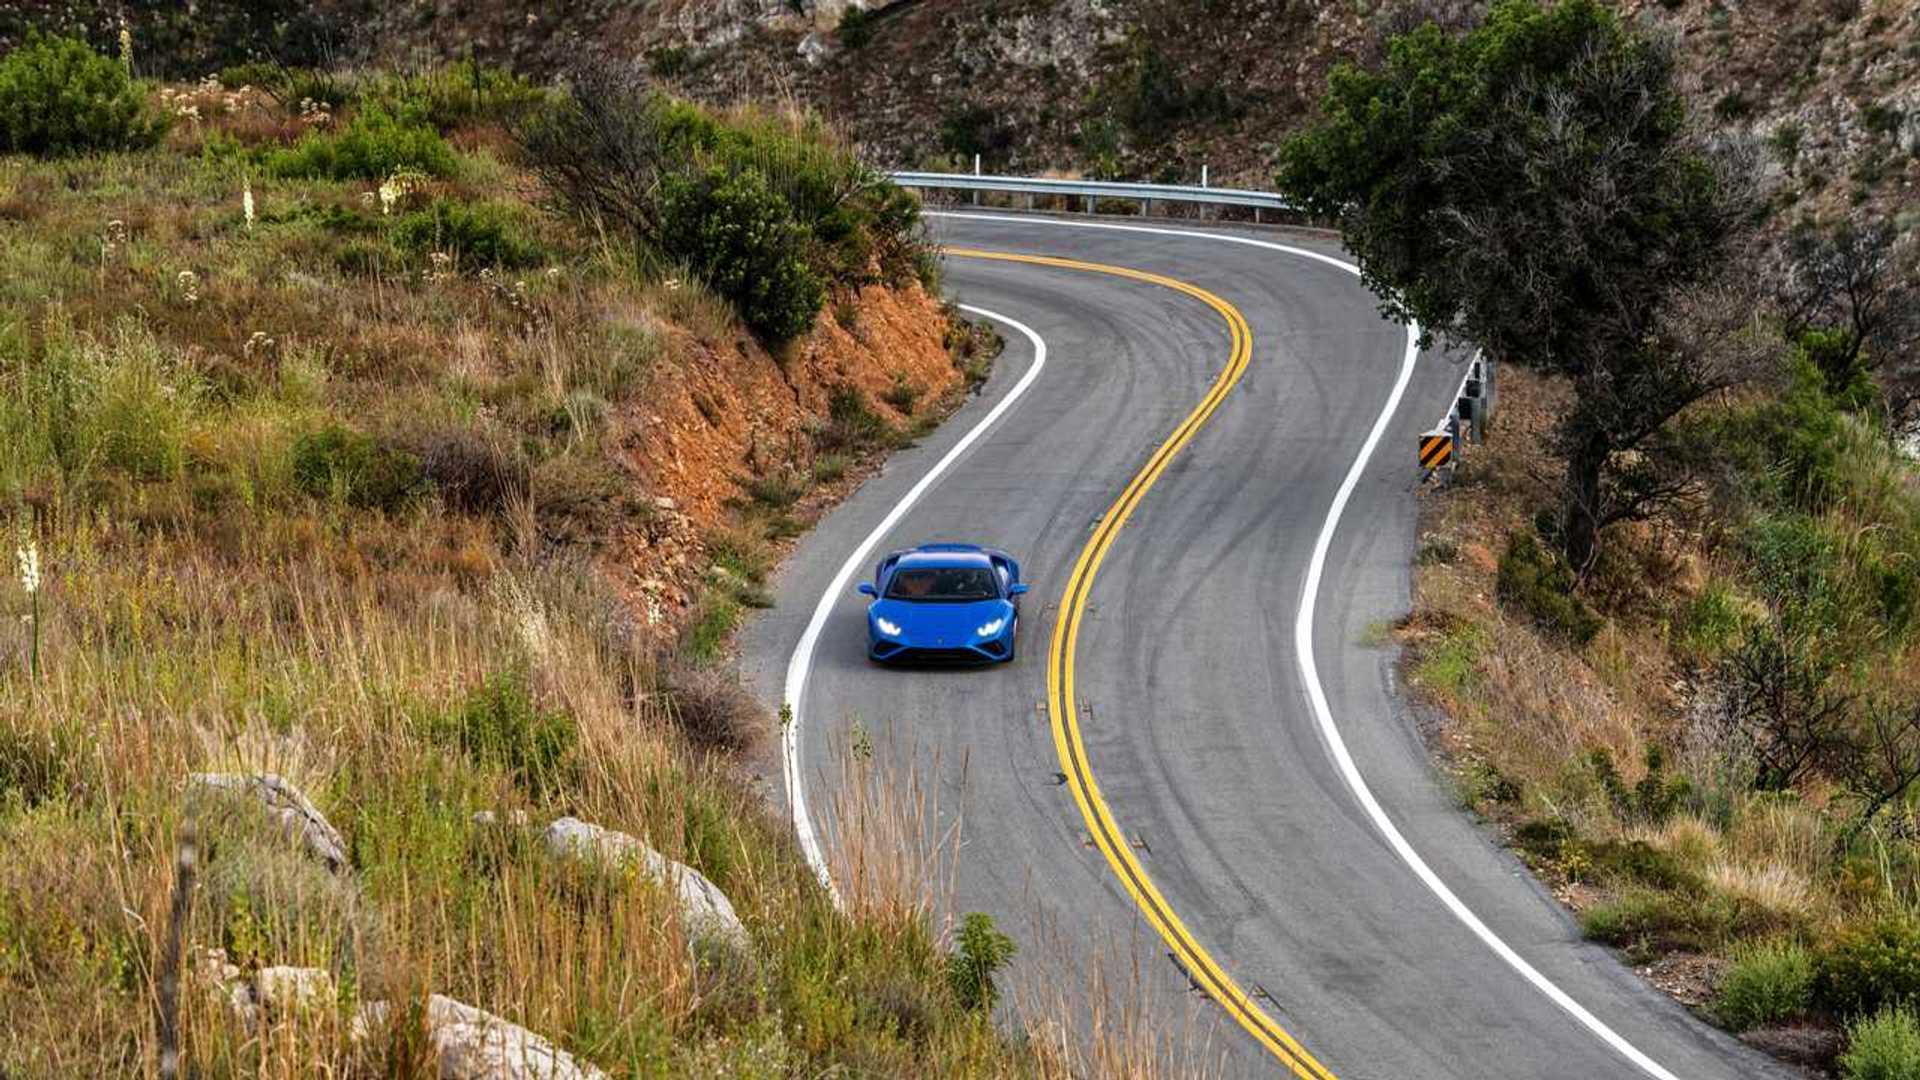 2020 Lamborghini Huracan Evo RWD top action